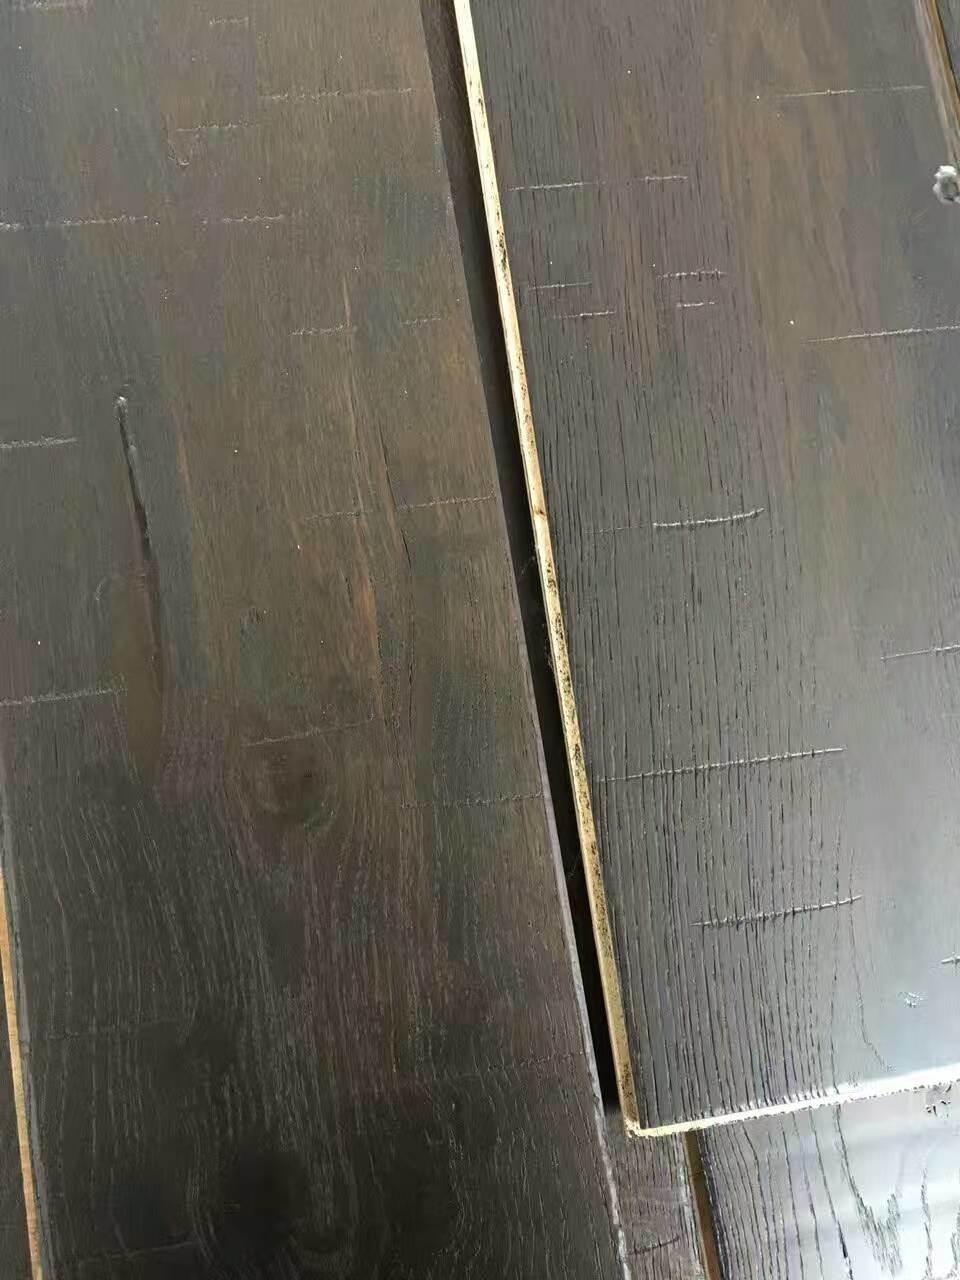 Dyeing Black Oak Engineered Wood Flooring